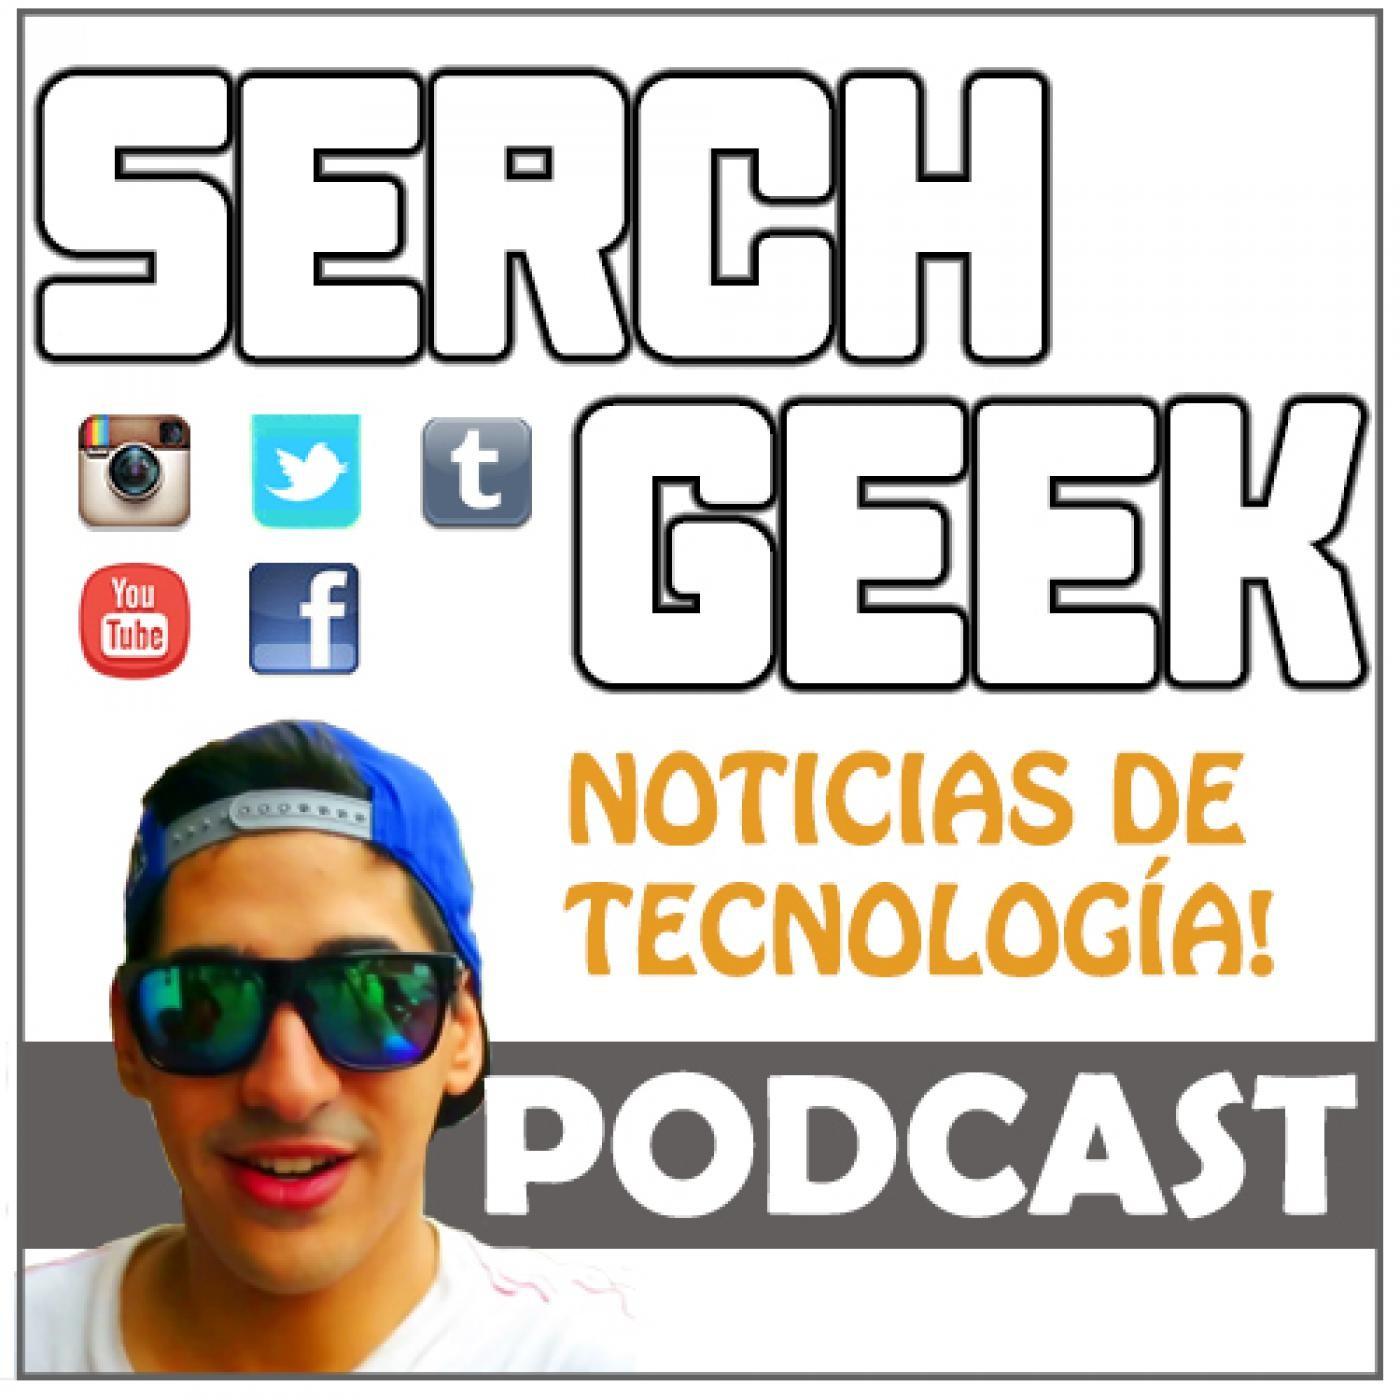 <![CDATA[Serch Geek Noticias de Tecnología!]]>